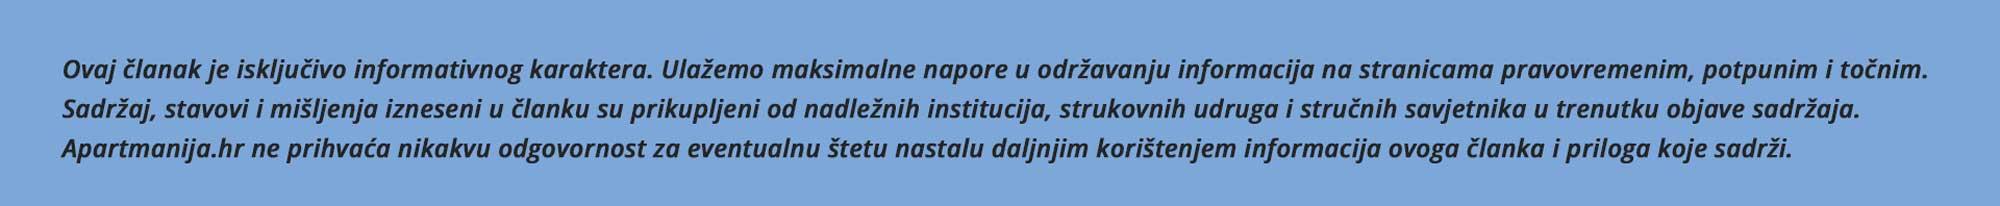 Apartmanija.hr izjava o odricanju odgovornosti